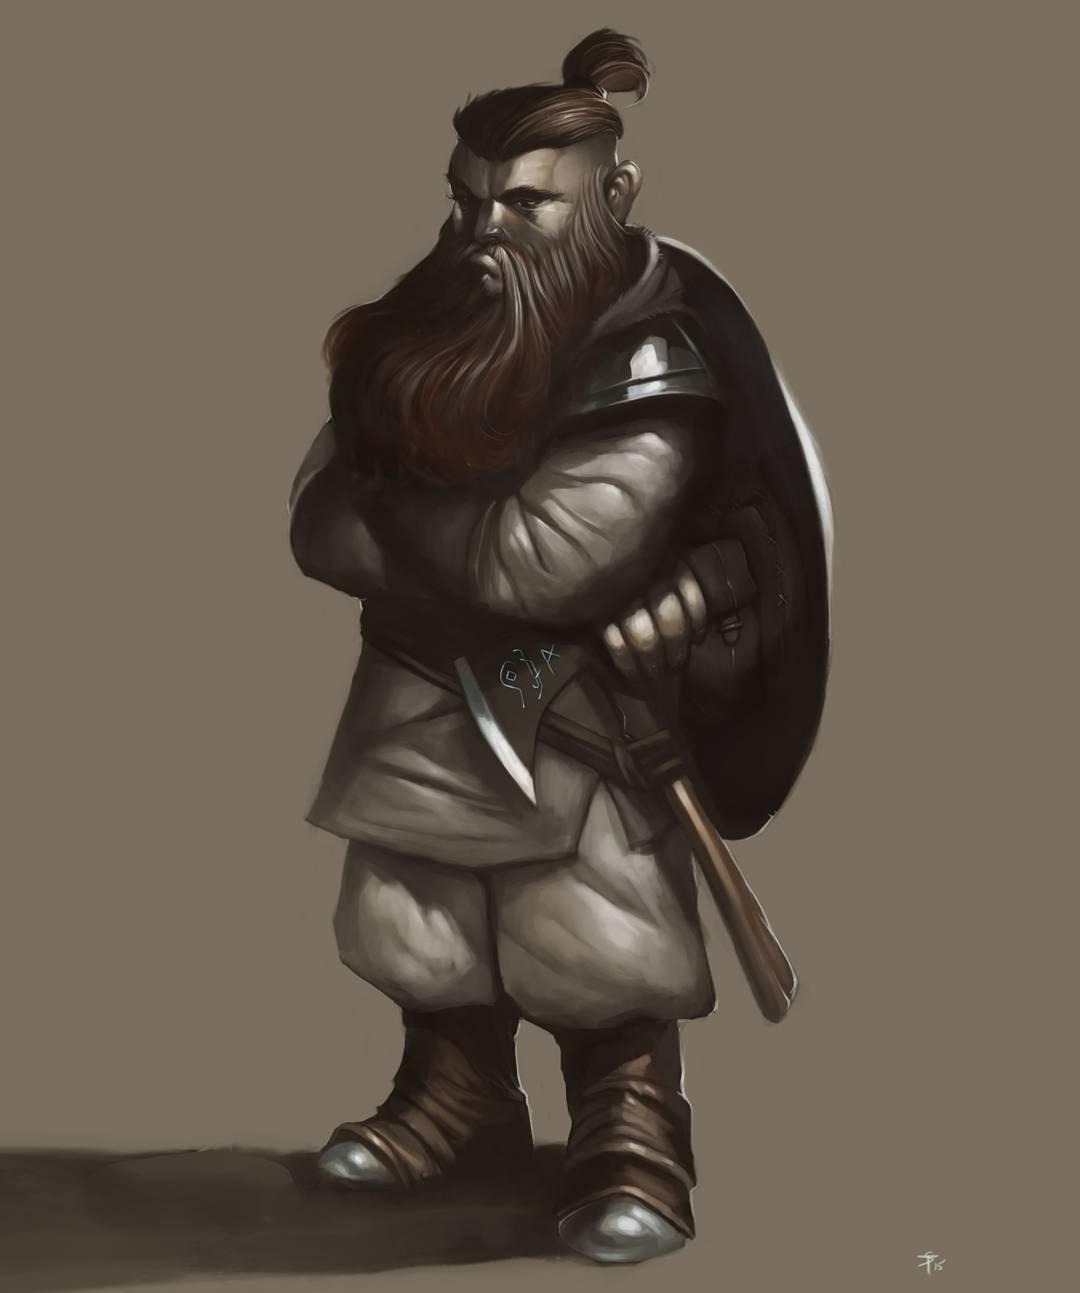 """the-murdellicious #64: """"Dwarf"""" - by Tuomas Salmela themurling.tumblr.com (2015) © dell'autore tutti i diritti riservati"""